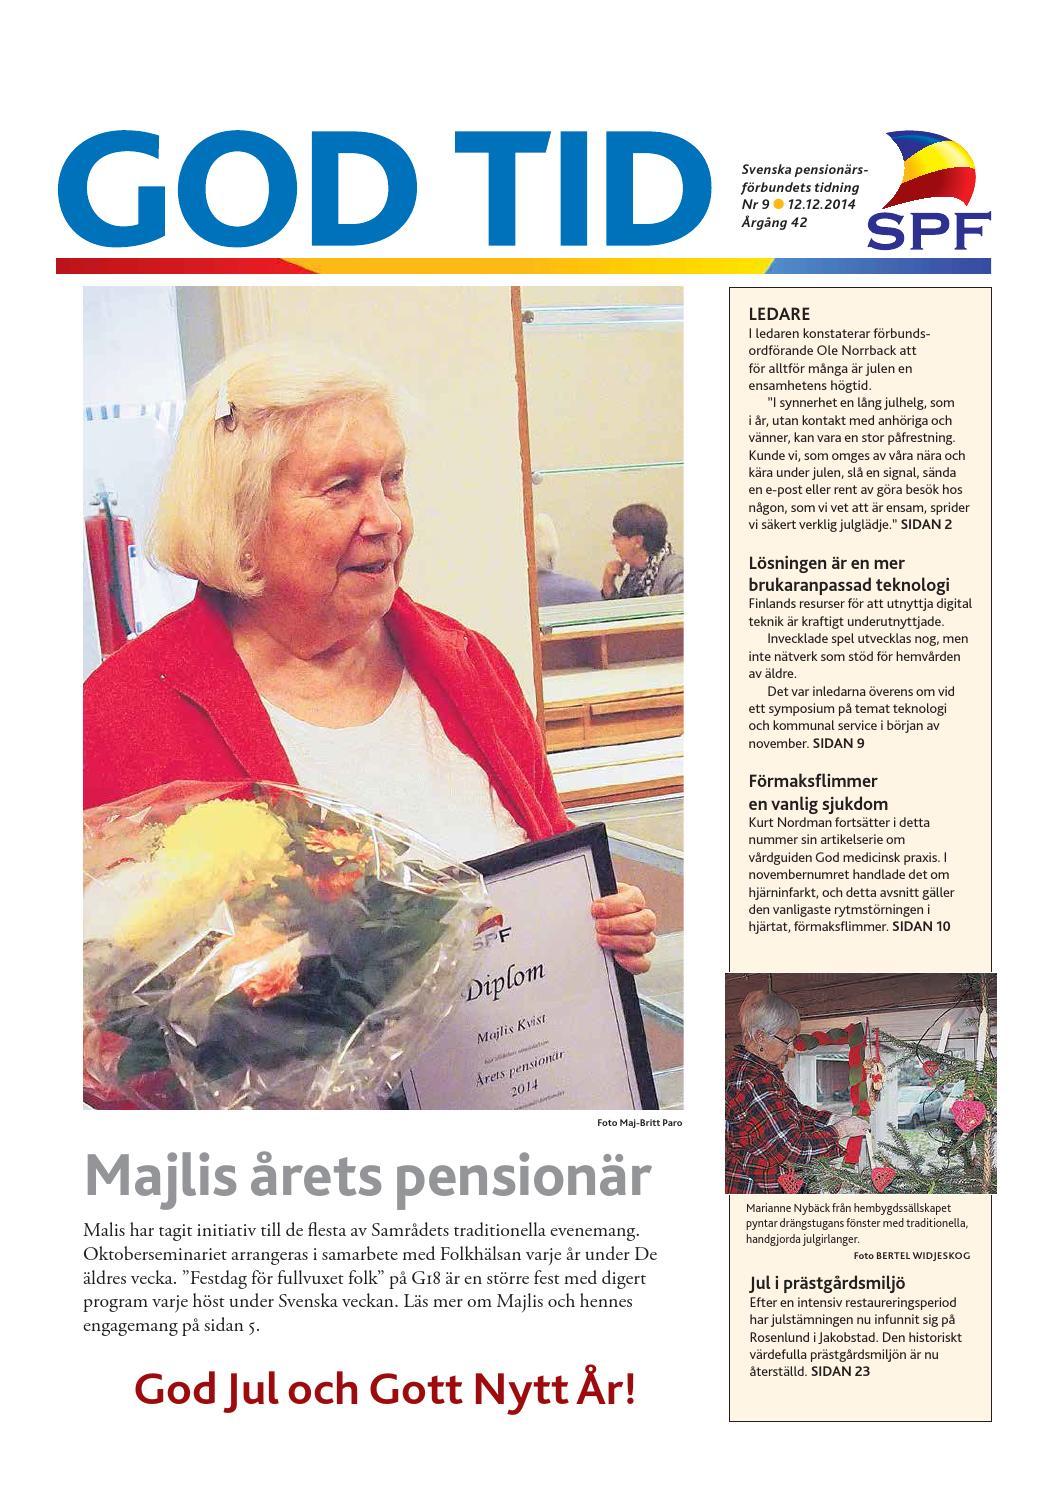 God Tid 9 2014 by Svenska pensionärsförbundet 310f4b5deca2c